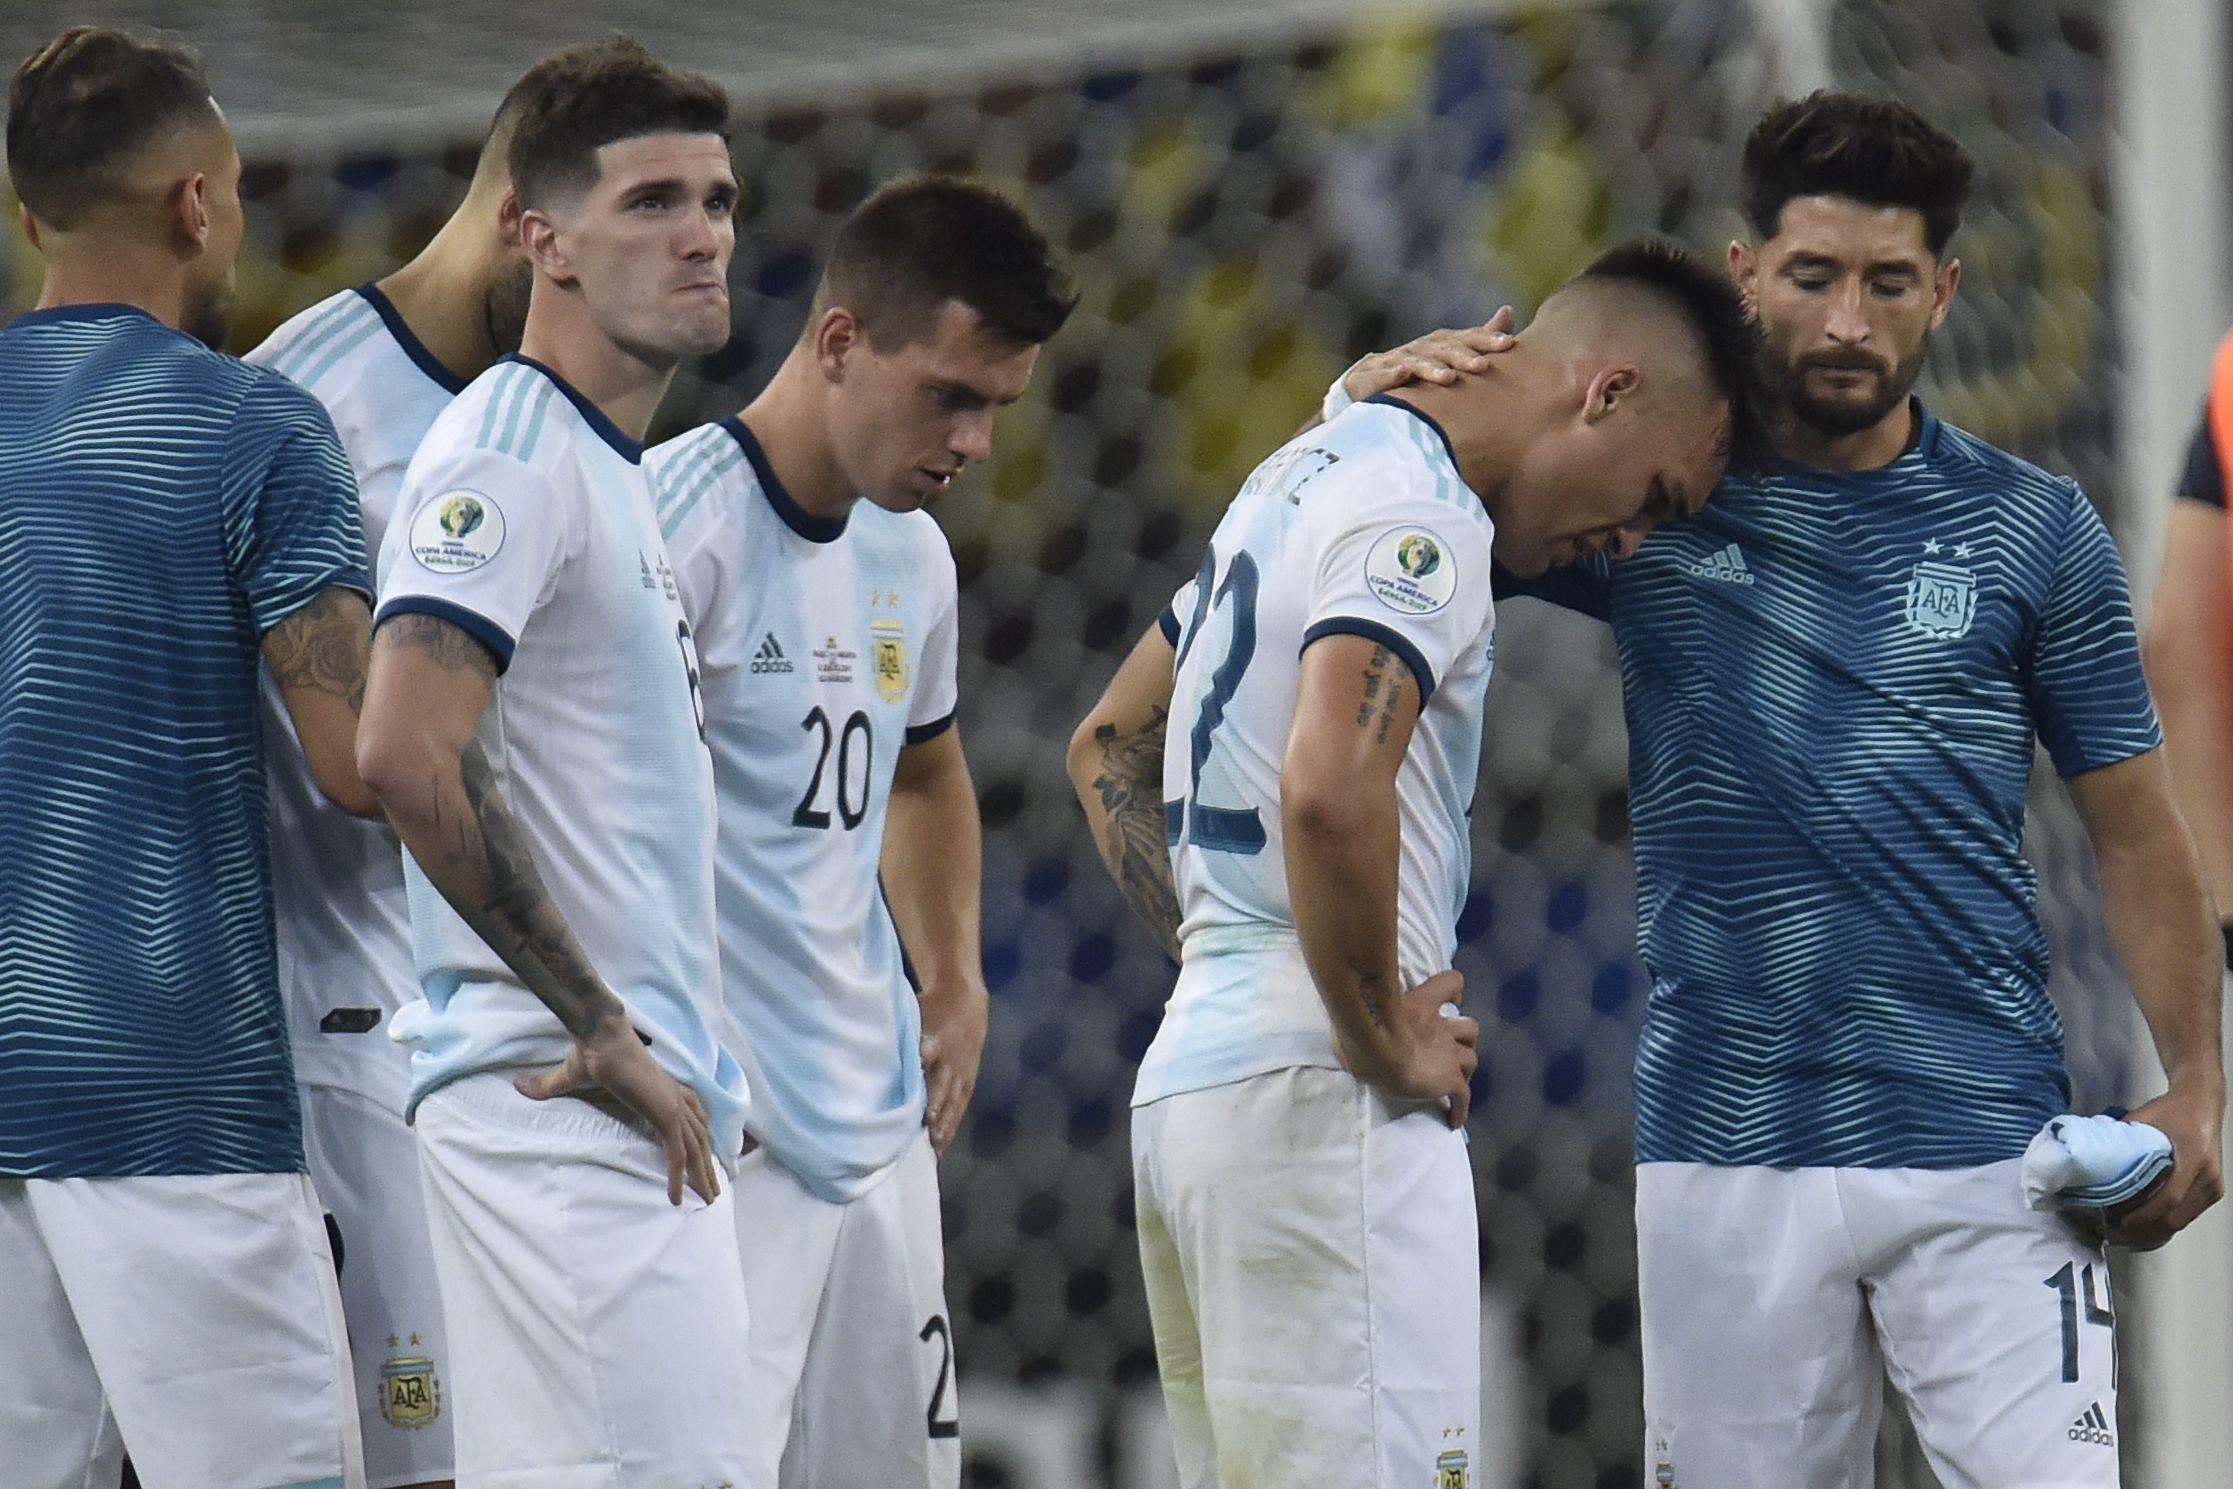 Una nueva decepción para la Selección argentina: ¿quiénes deben seguir en el plantel?